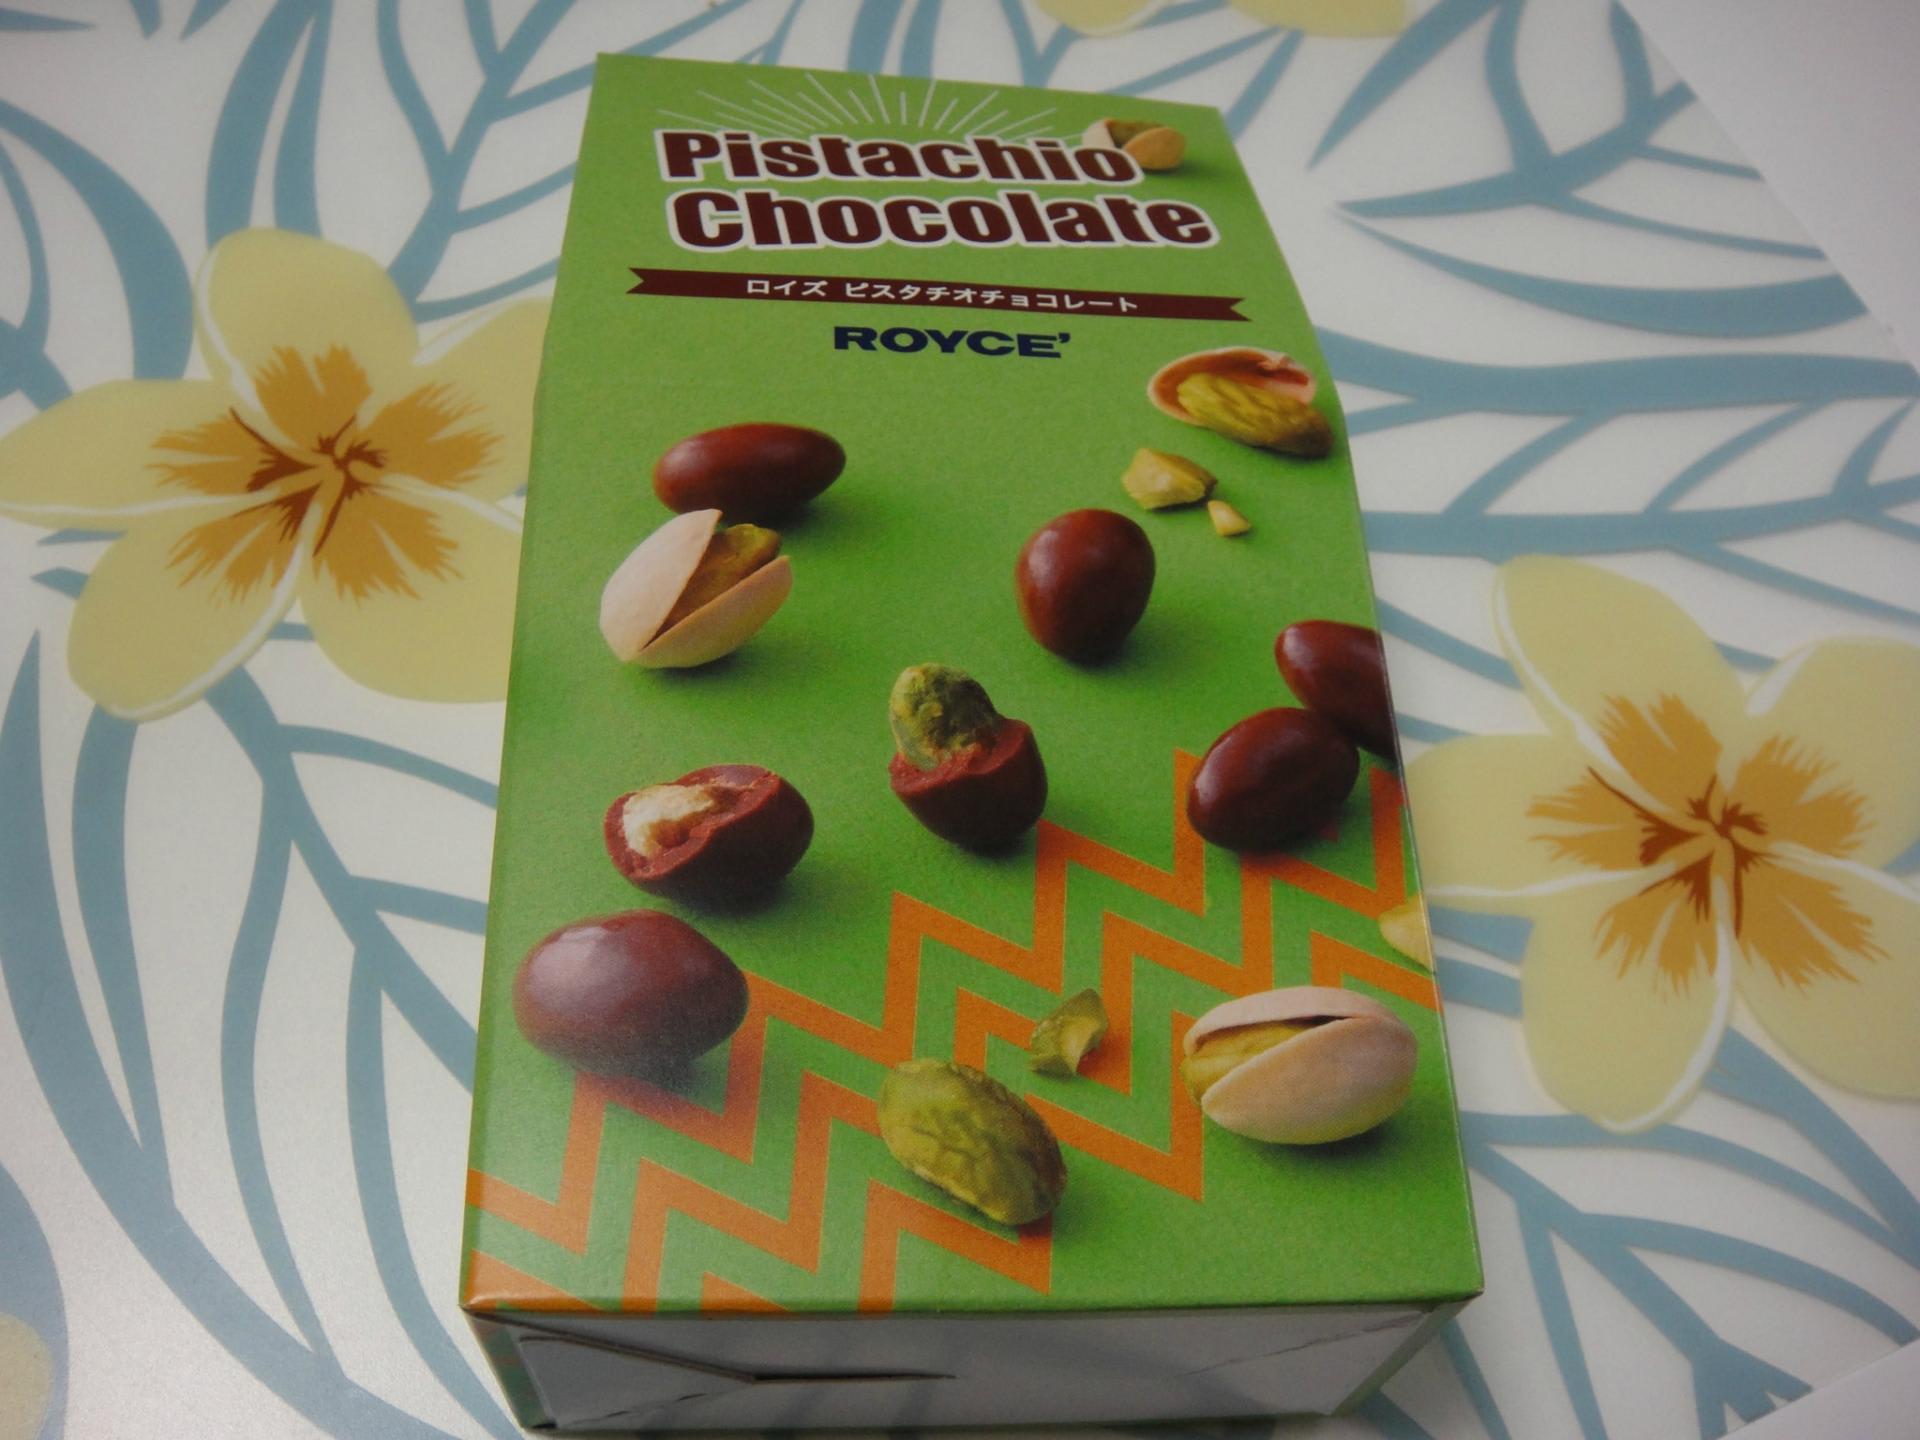 チョコレート ロイズ ピスタチオ